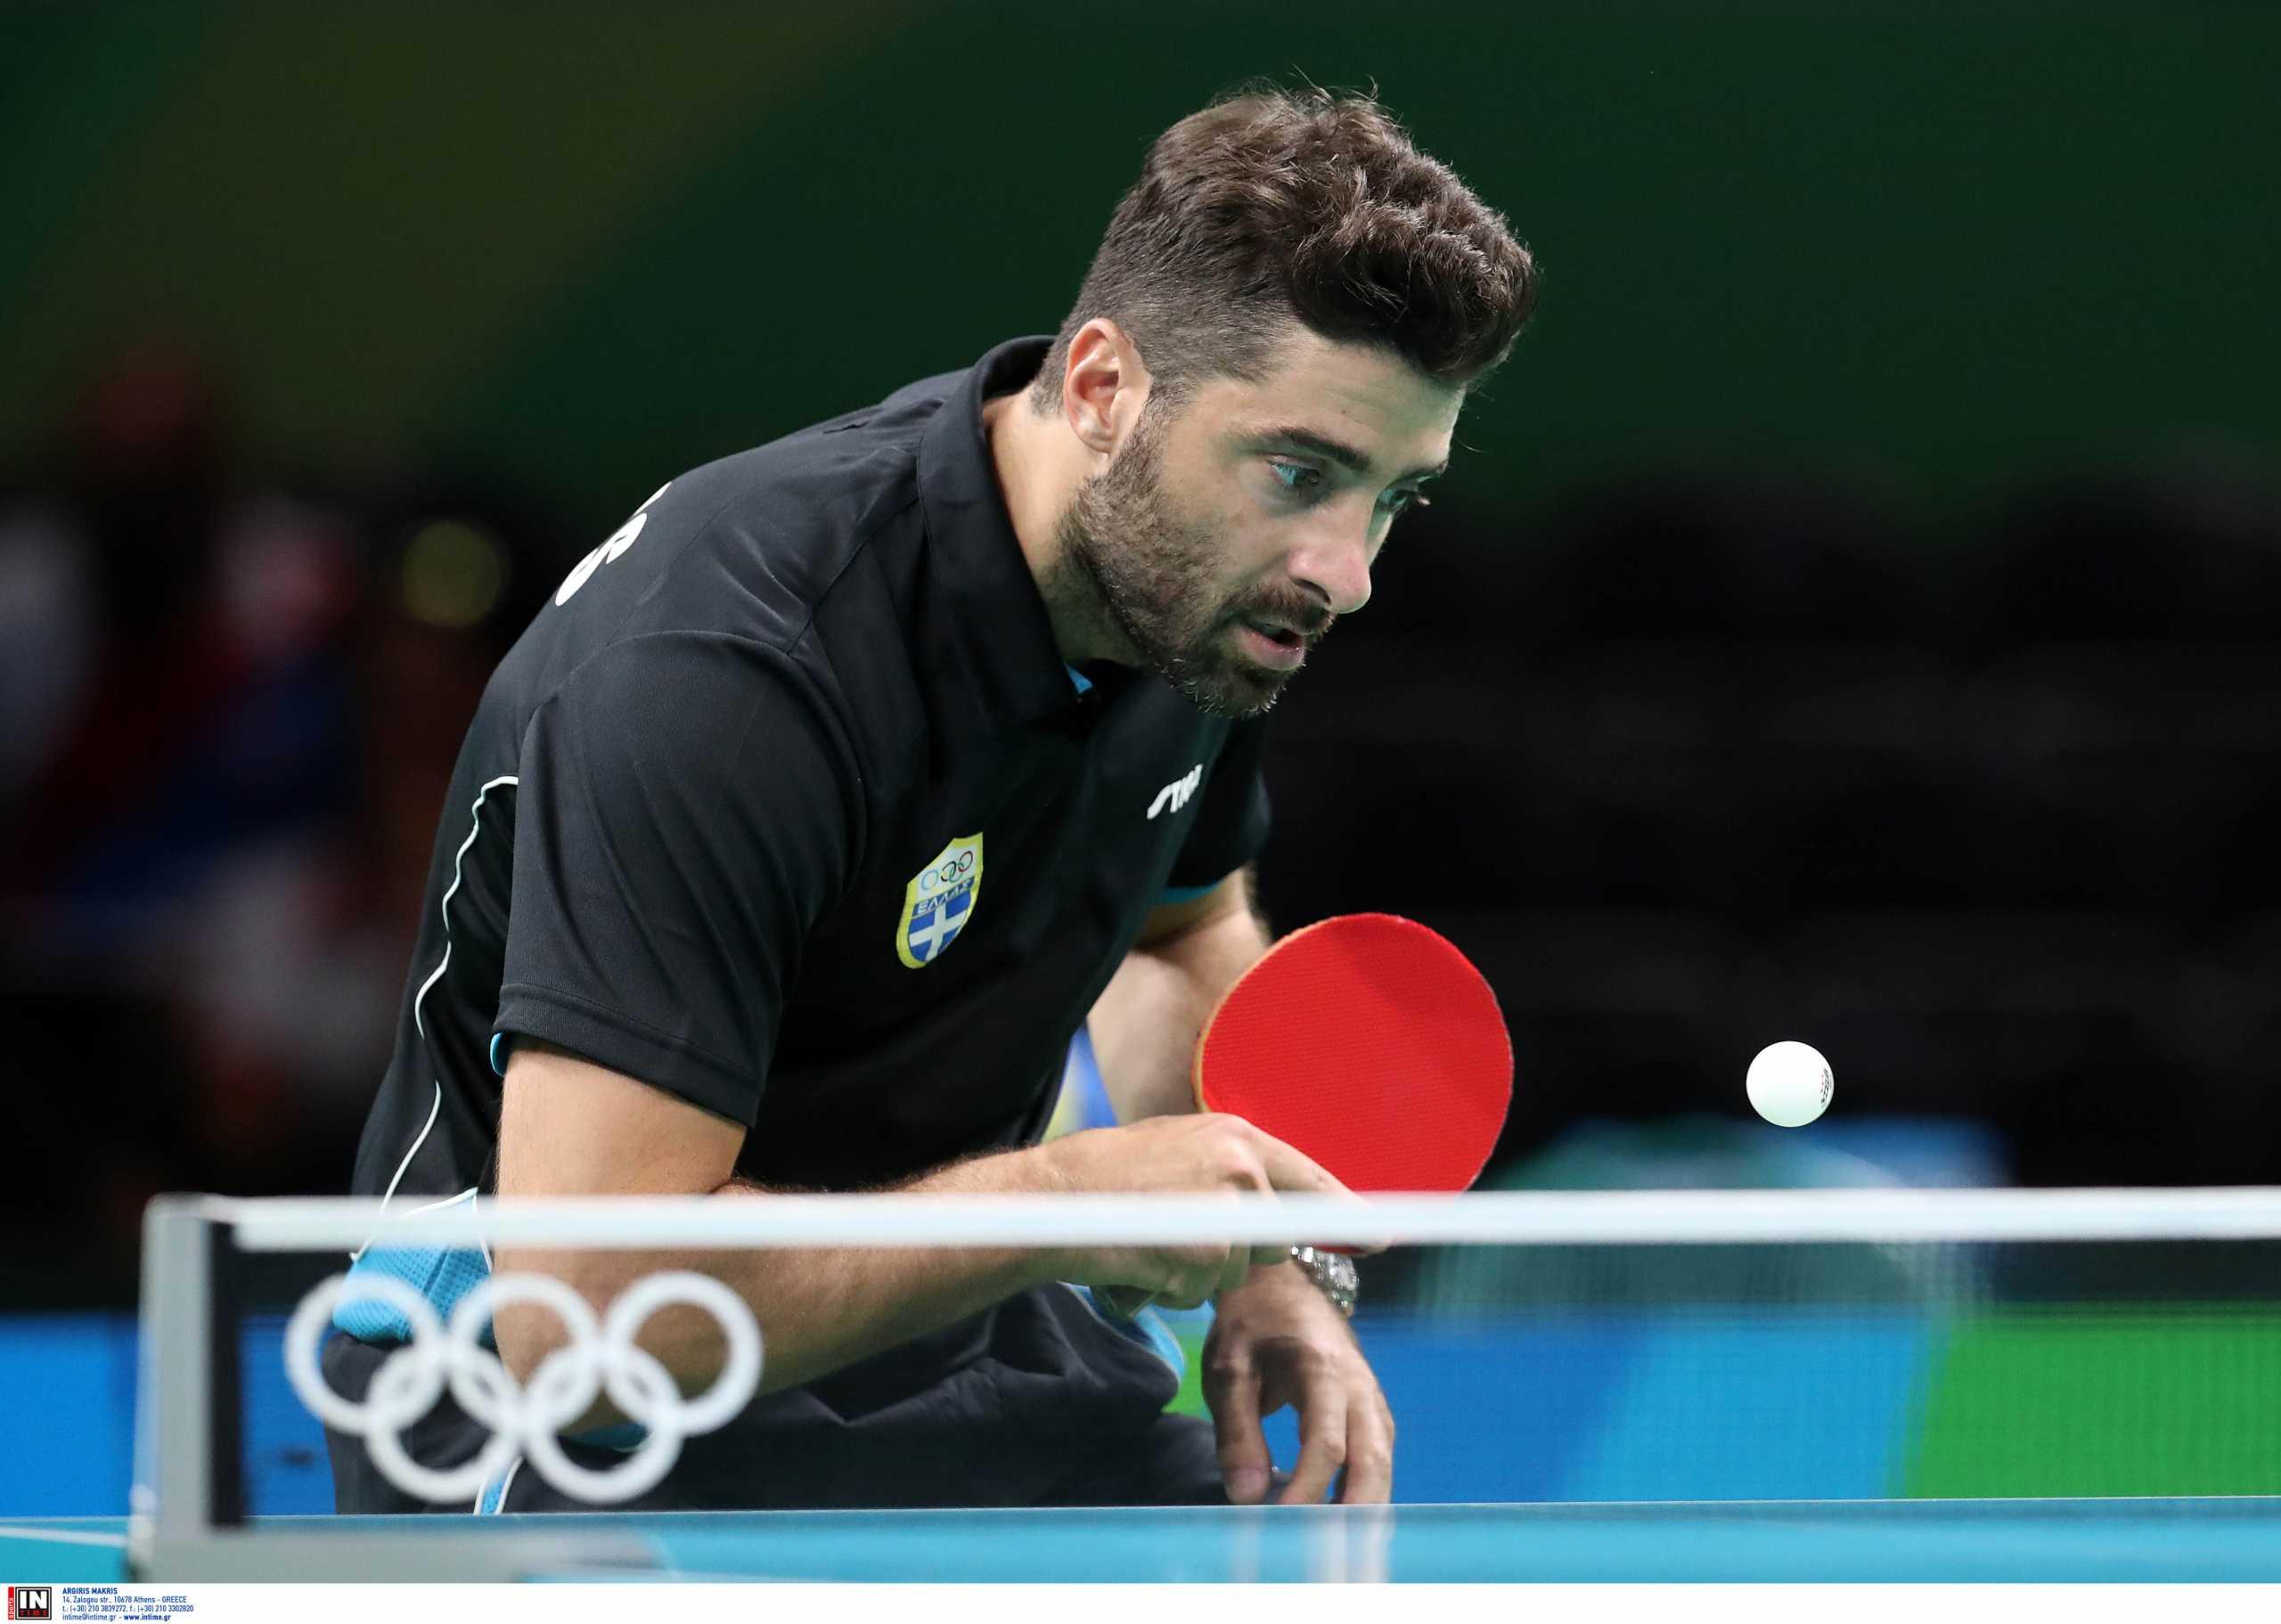 Ολυμπιακοί Αγώνες: Φοβερός Γκιώνης προκρίθηκε στον τρίτο γύρο